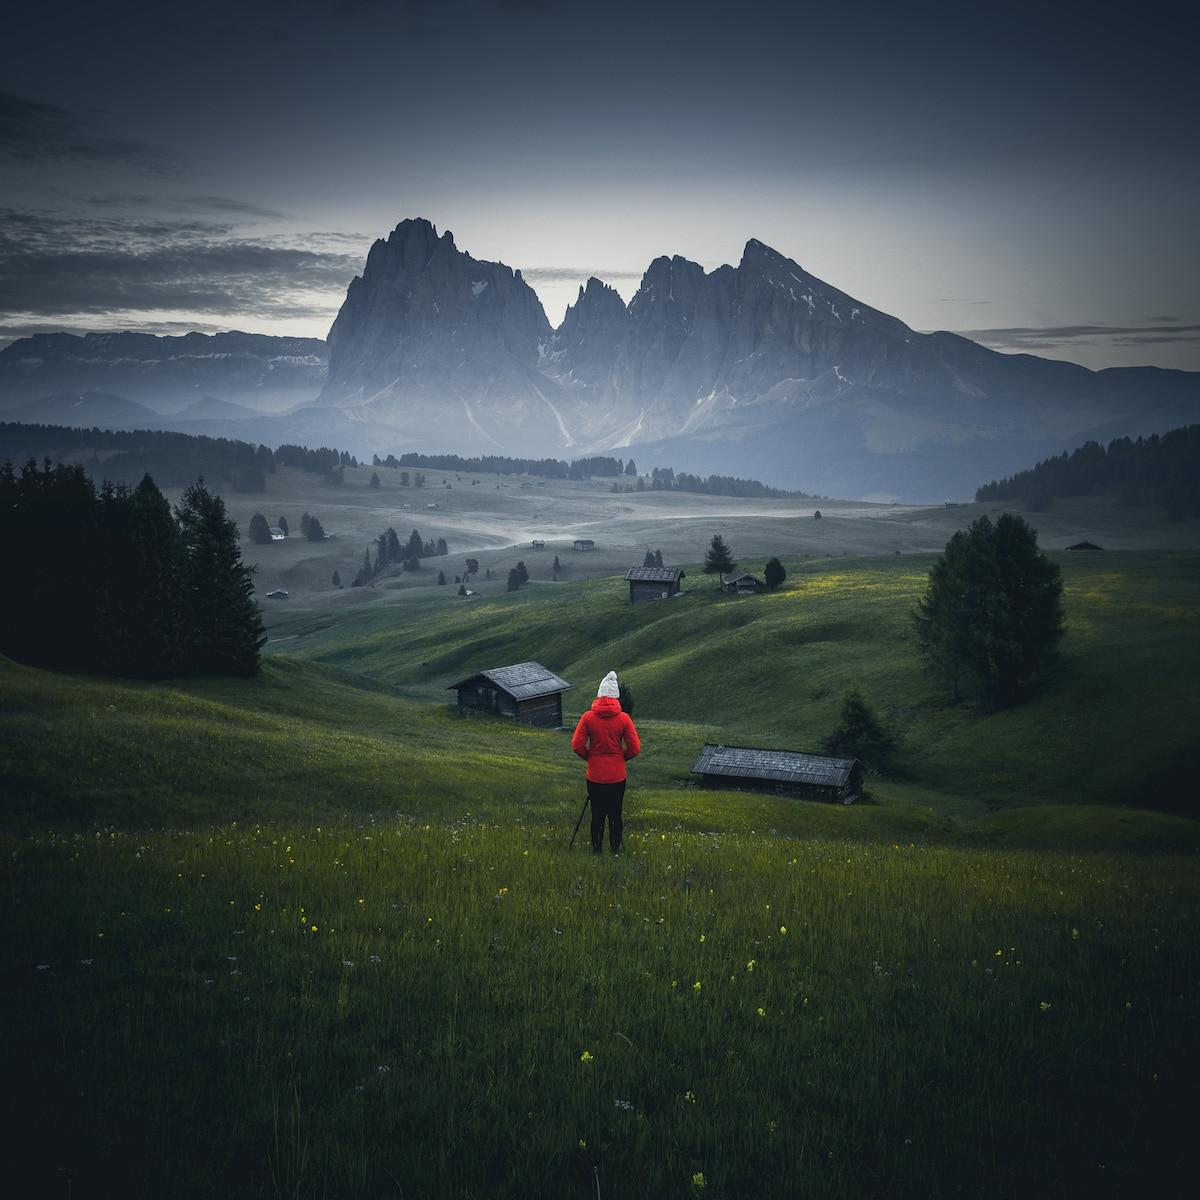 Cuma Cevik landscape photographer